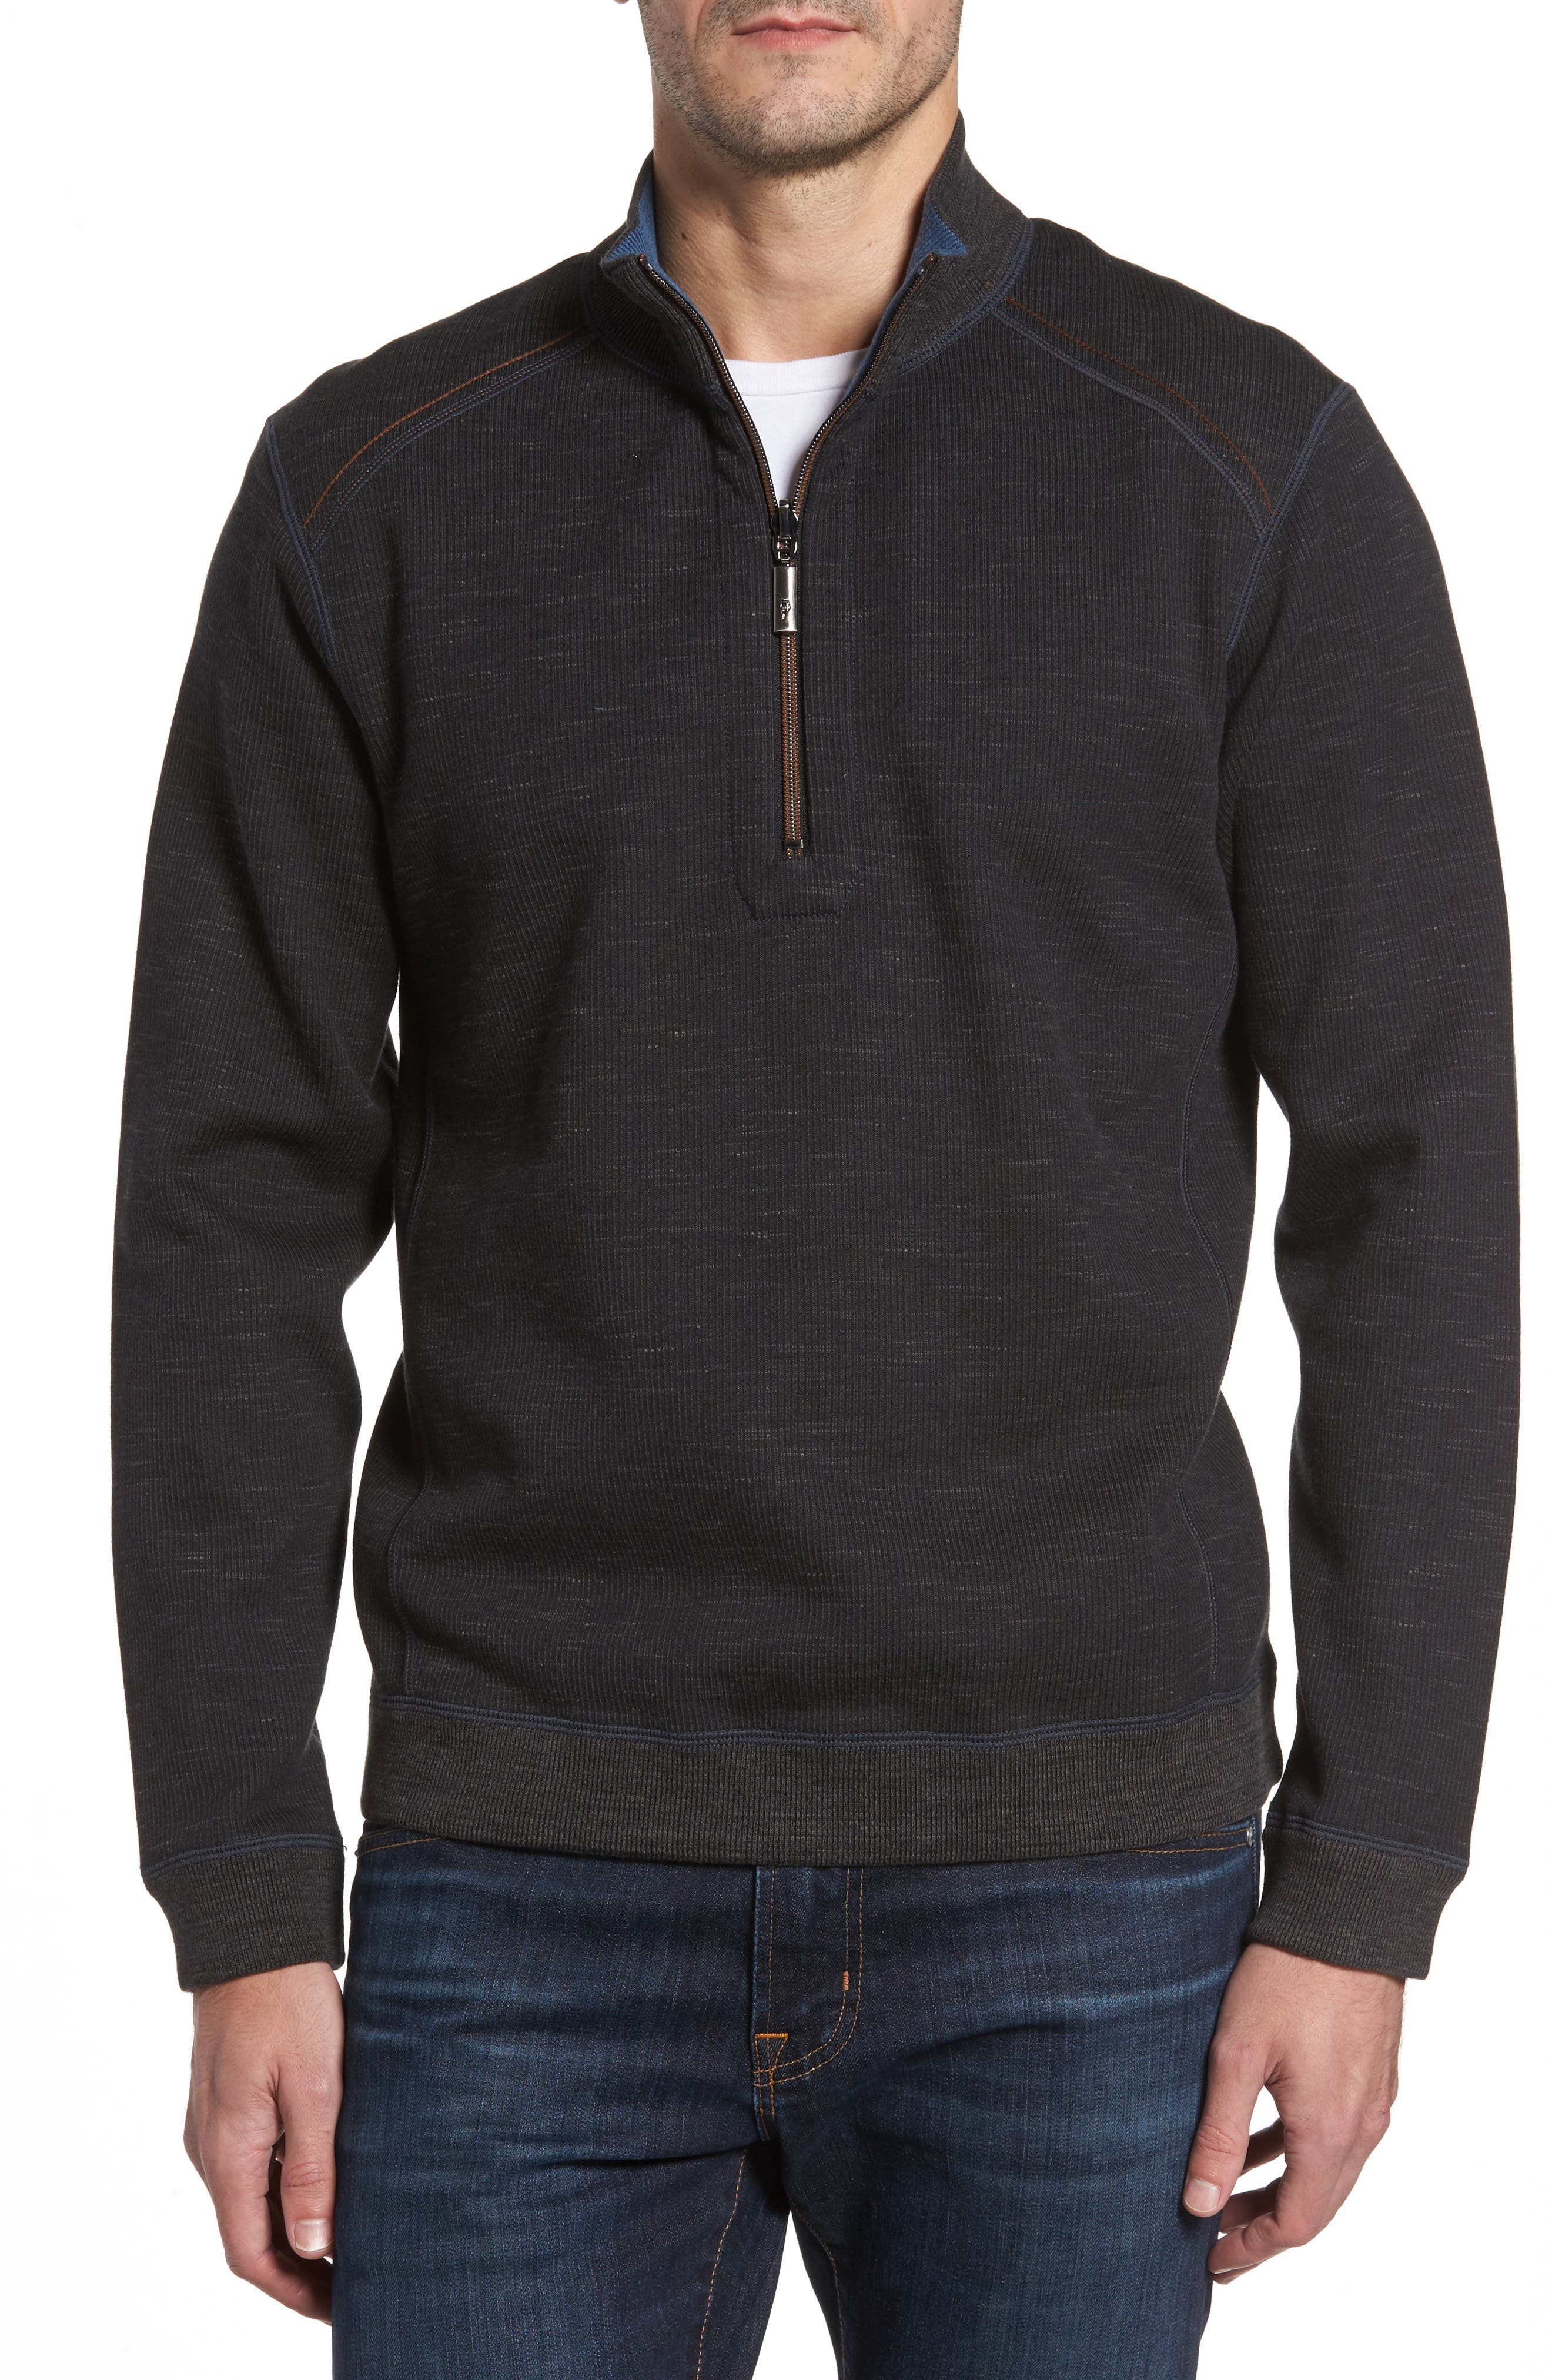 Flipsider Half Zip Reversible Sweatshirt,                         Main,                         color, 003